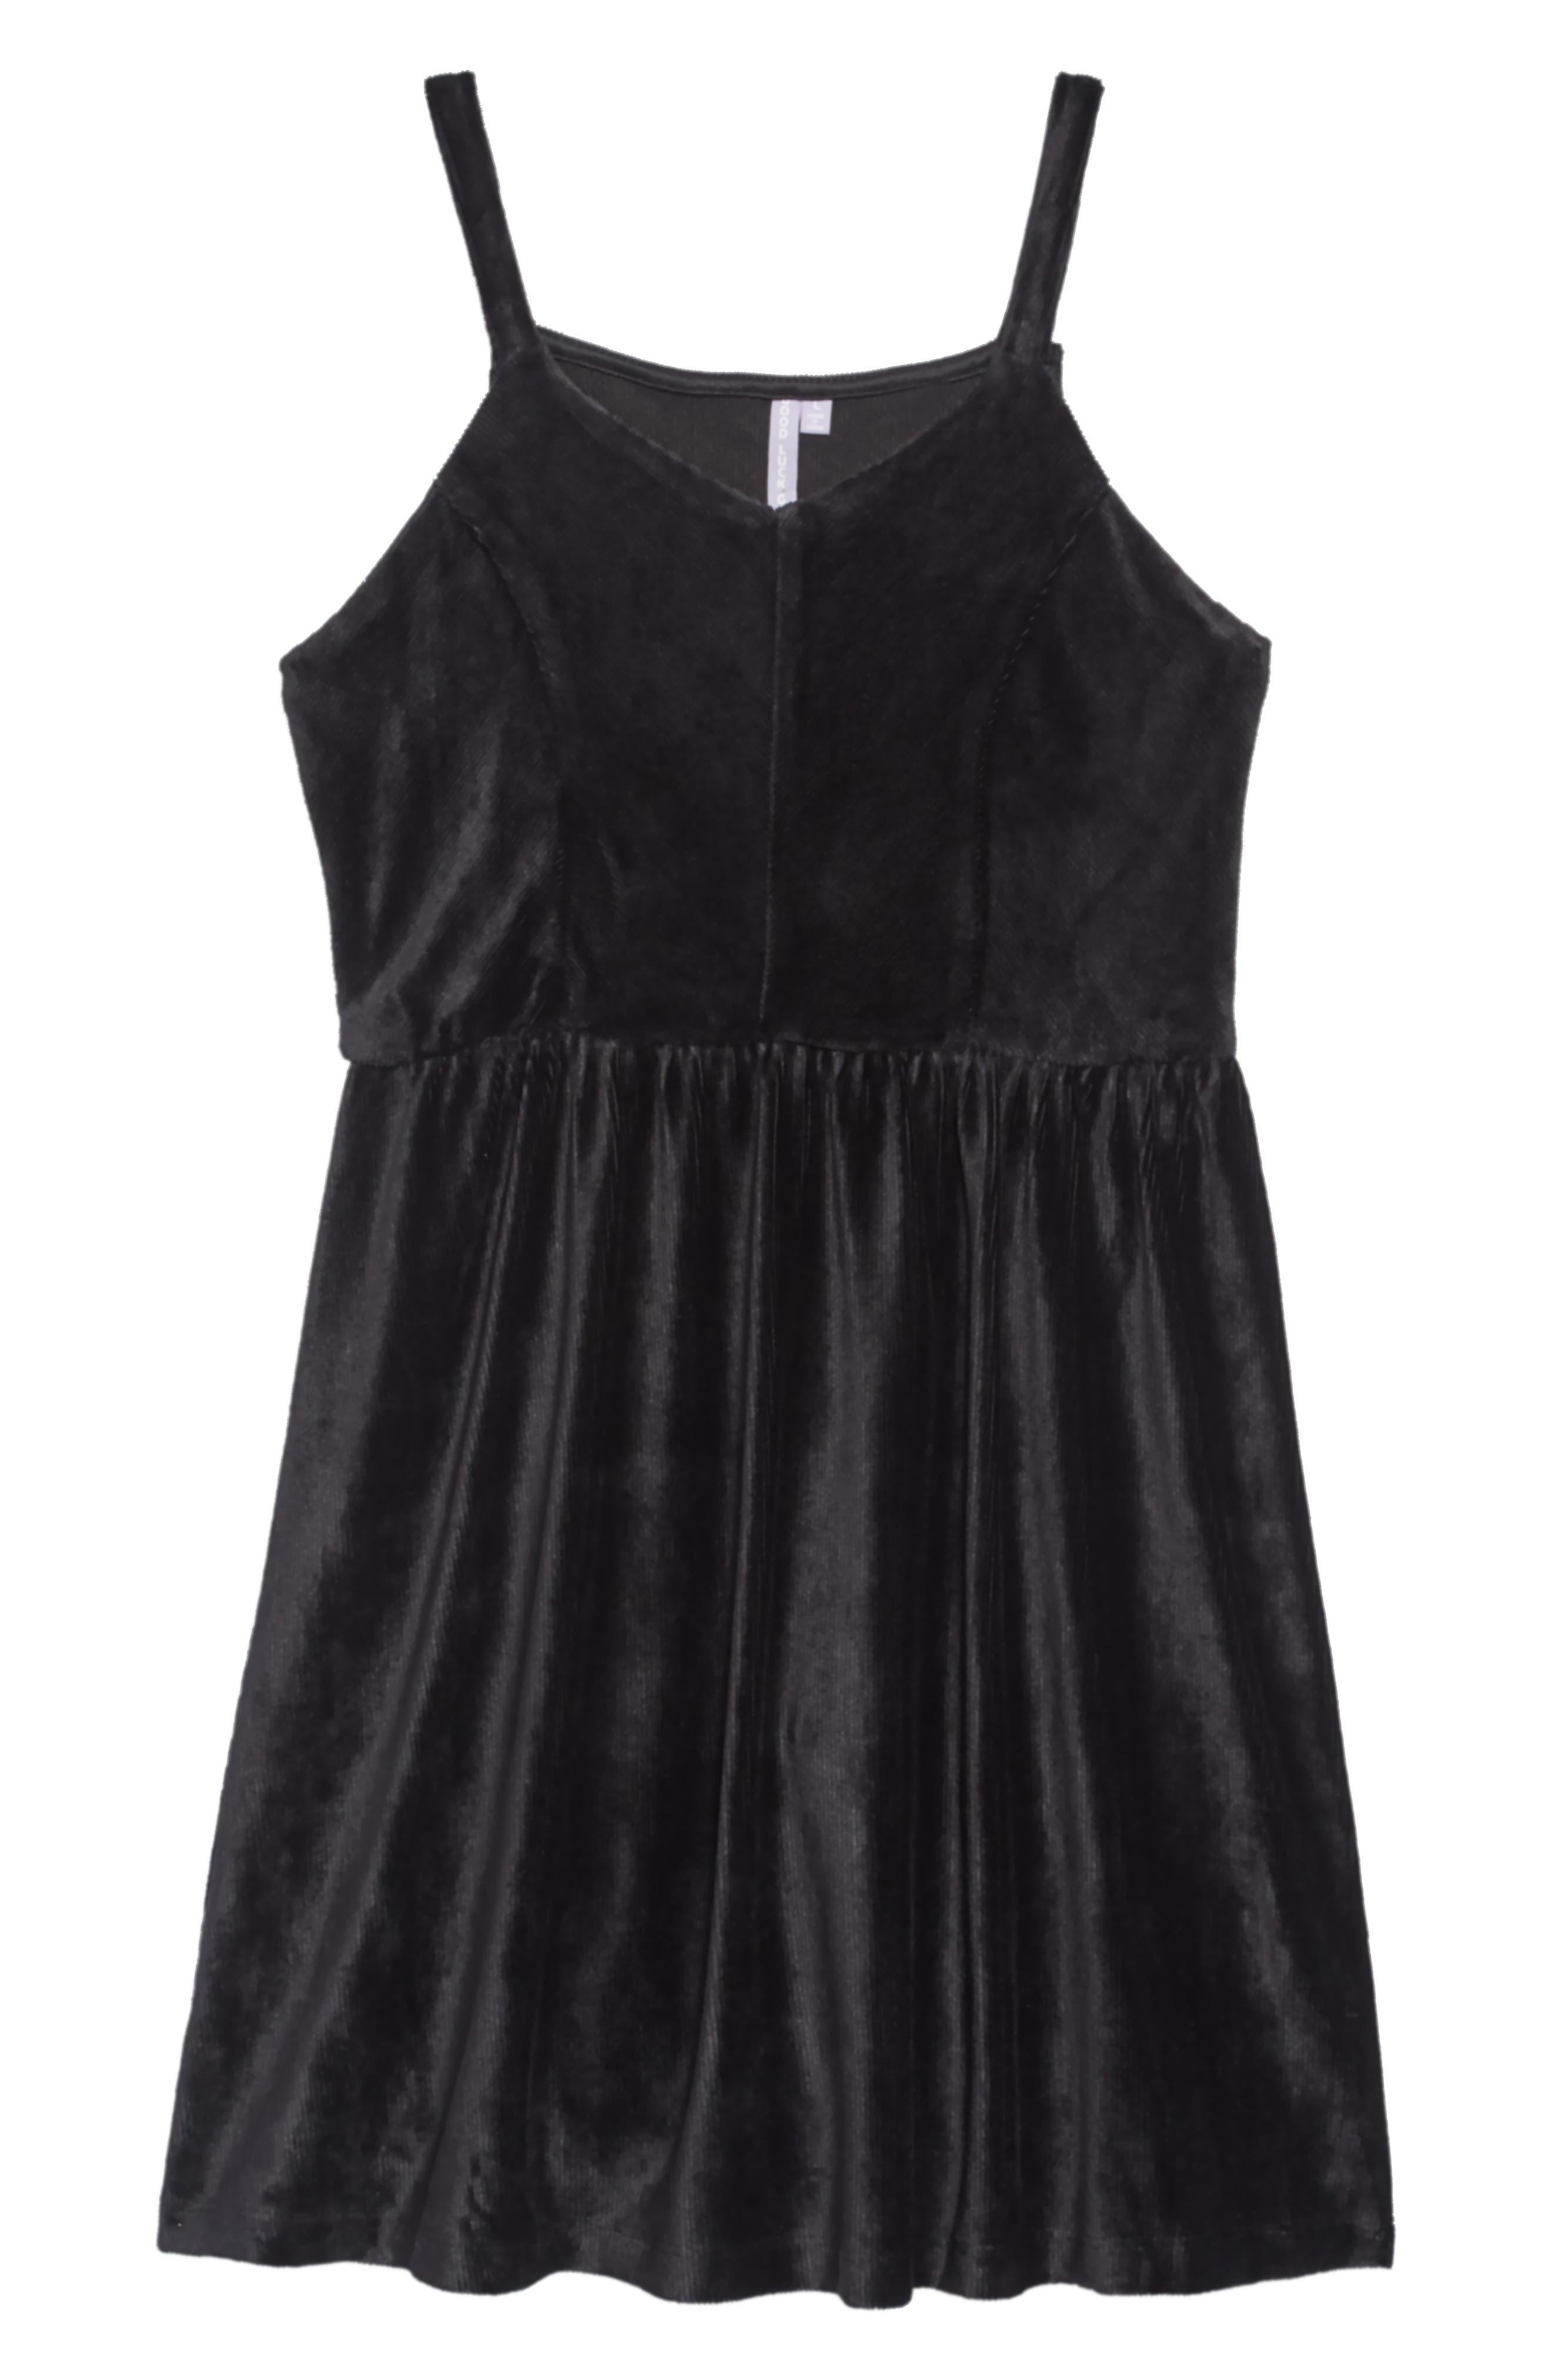 Velour Cord Dress,                             Main thumbnail 1, color,                             BLACK